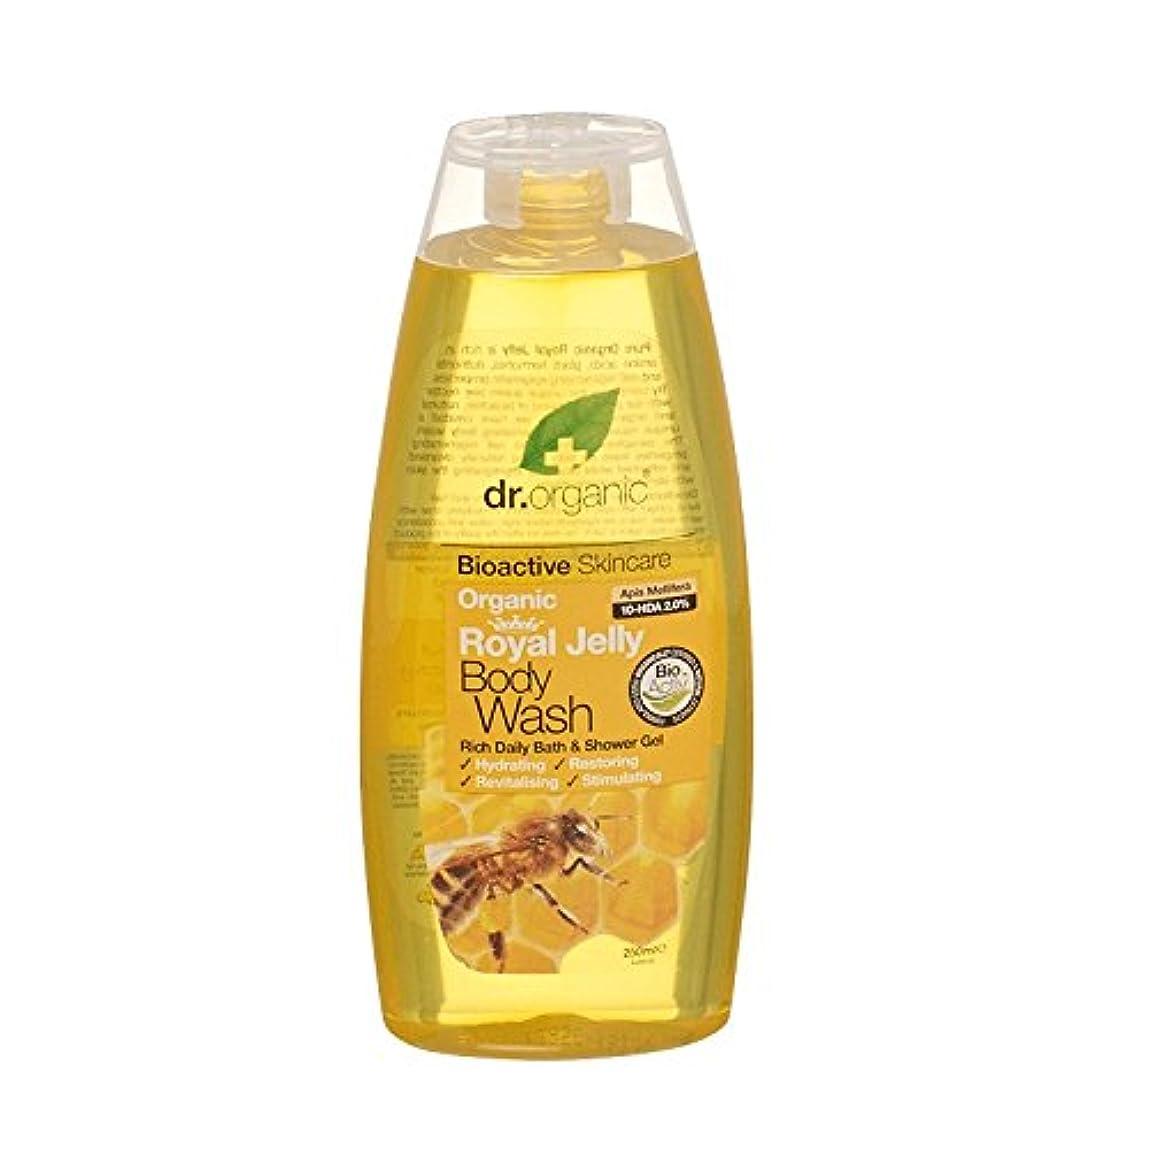 五月条約自然公園Dr Organic Royal Jelly Body Wash (Pack of 2) - Dr有機ローヤルゼリーボディウォッシュ (x2) [並行輸入品]